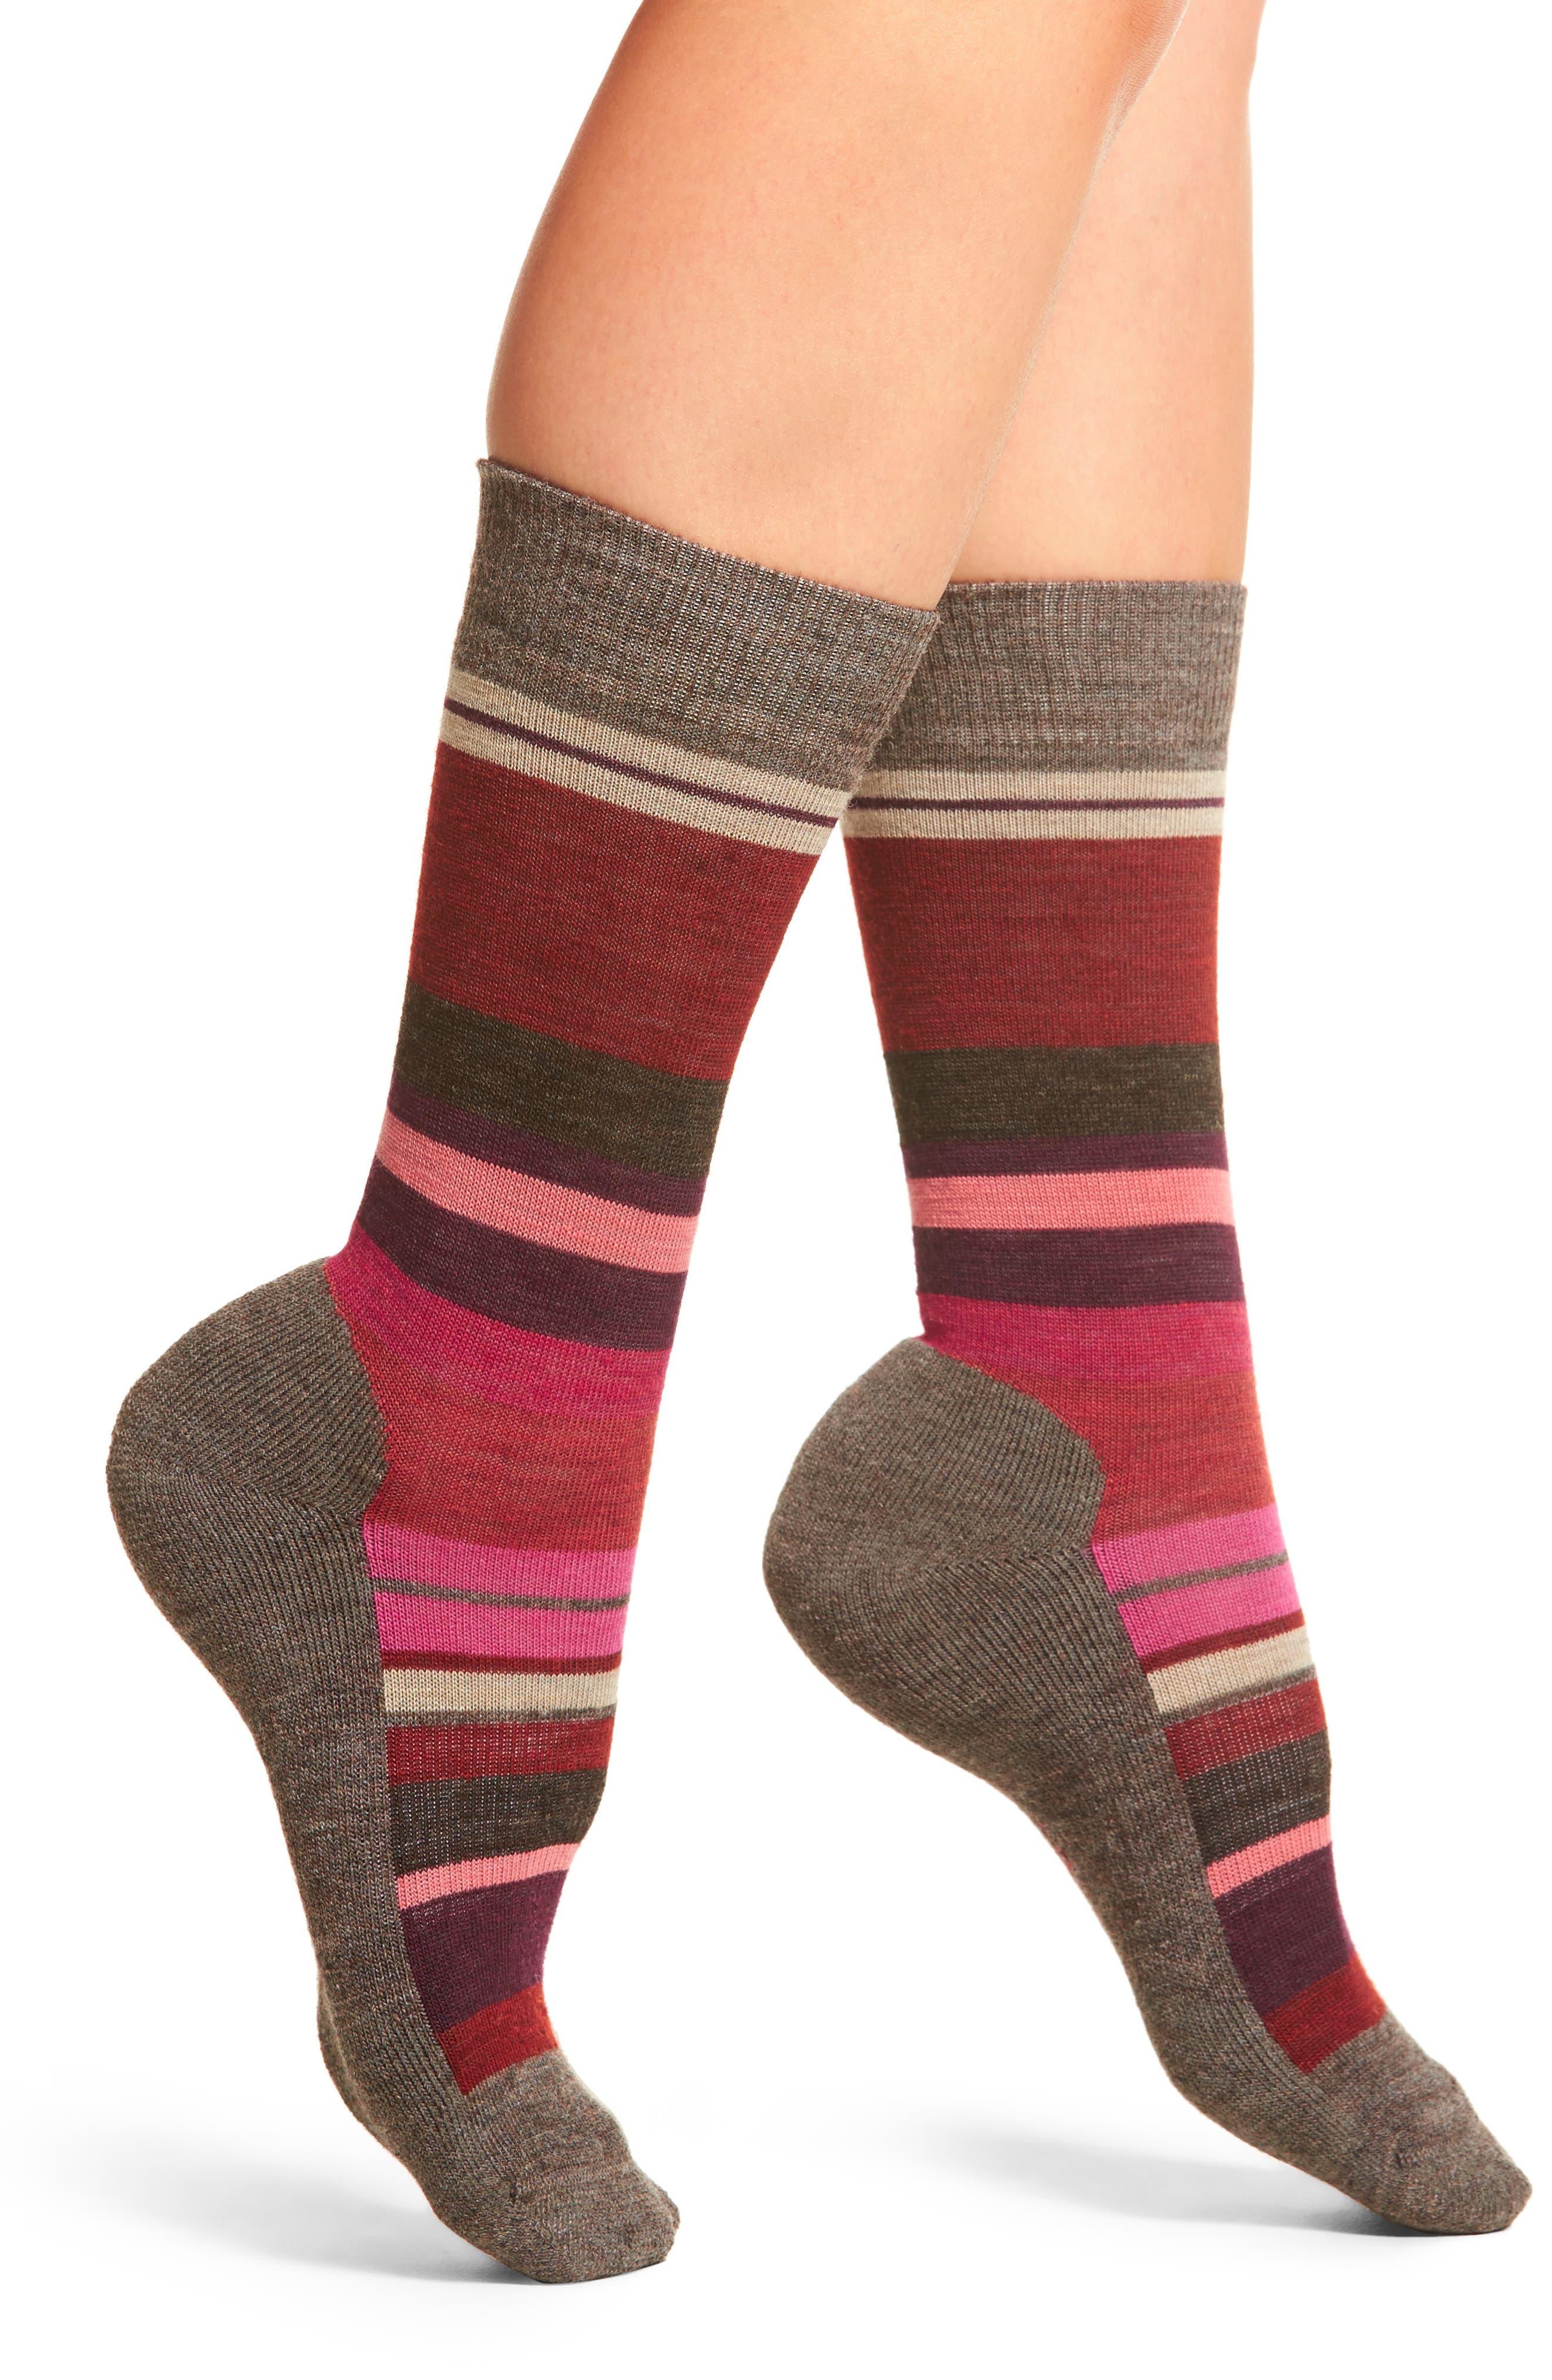 Saturnsphere Crew Socks,                             Main thumbnail 1, color,                             250